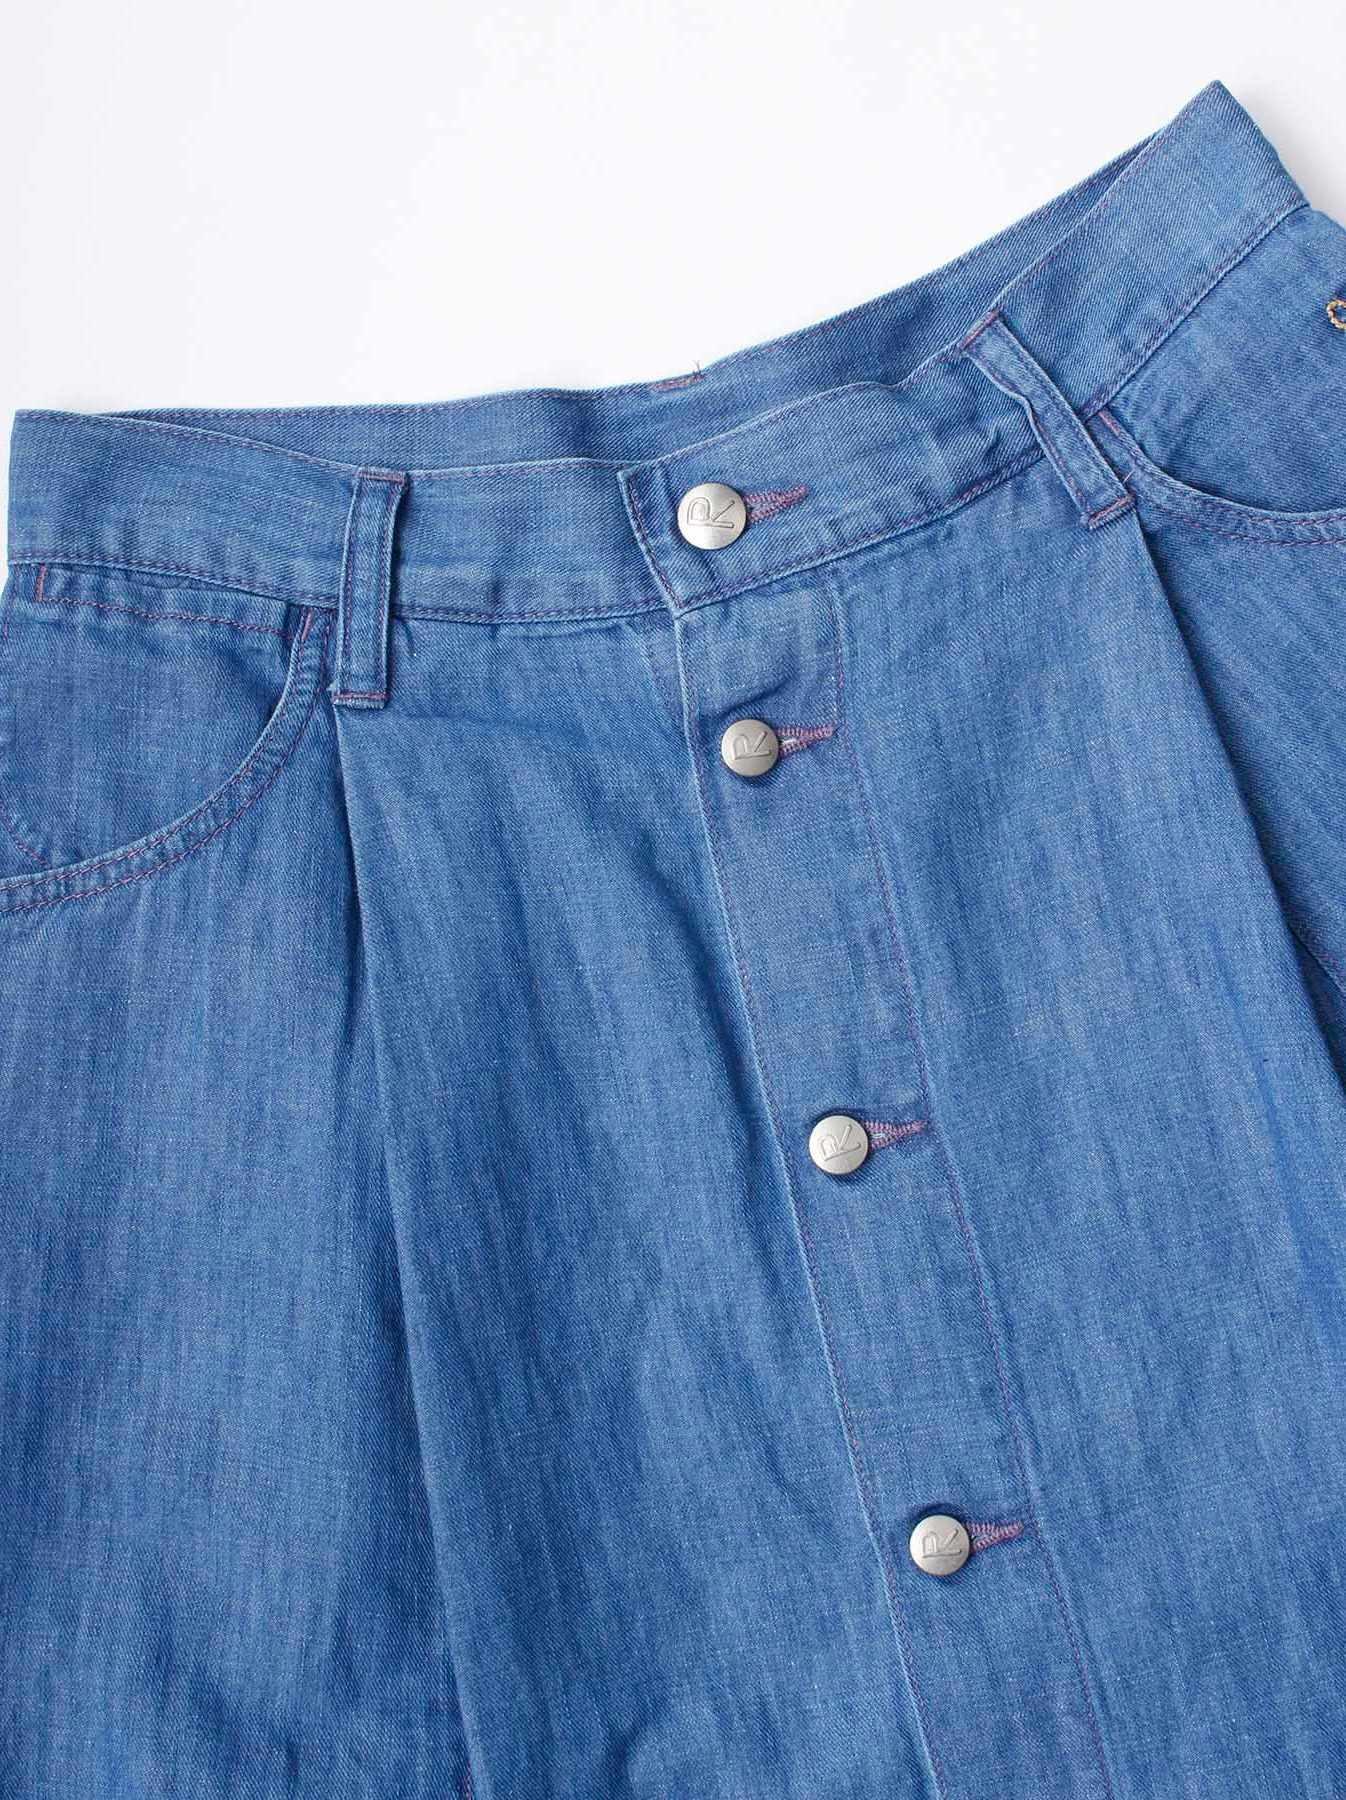 WH Cotton Linen Mon-petit Skirt-7